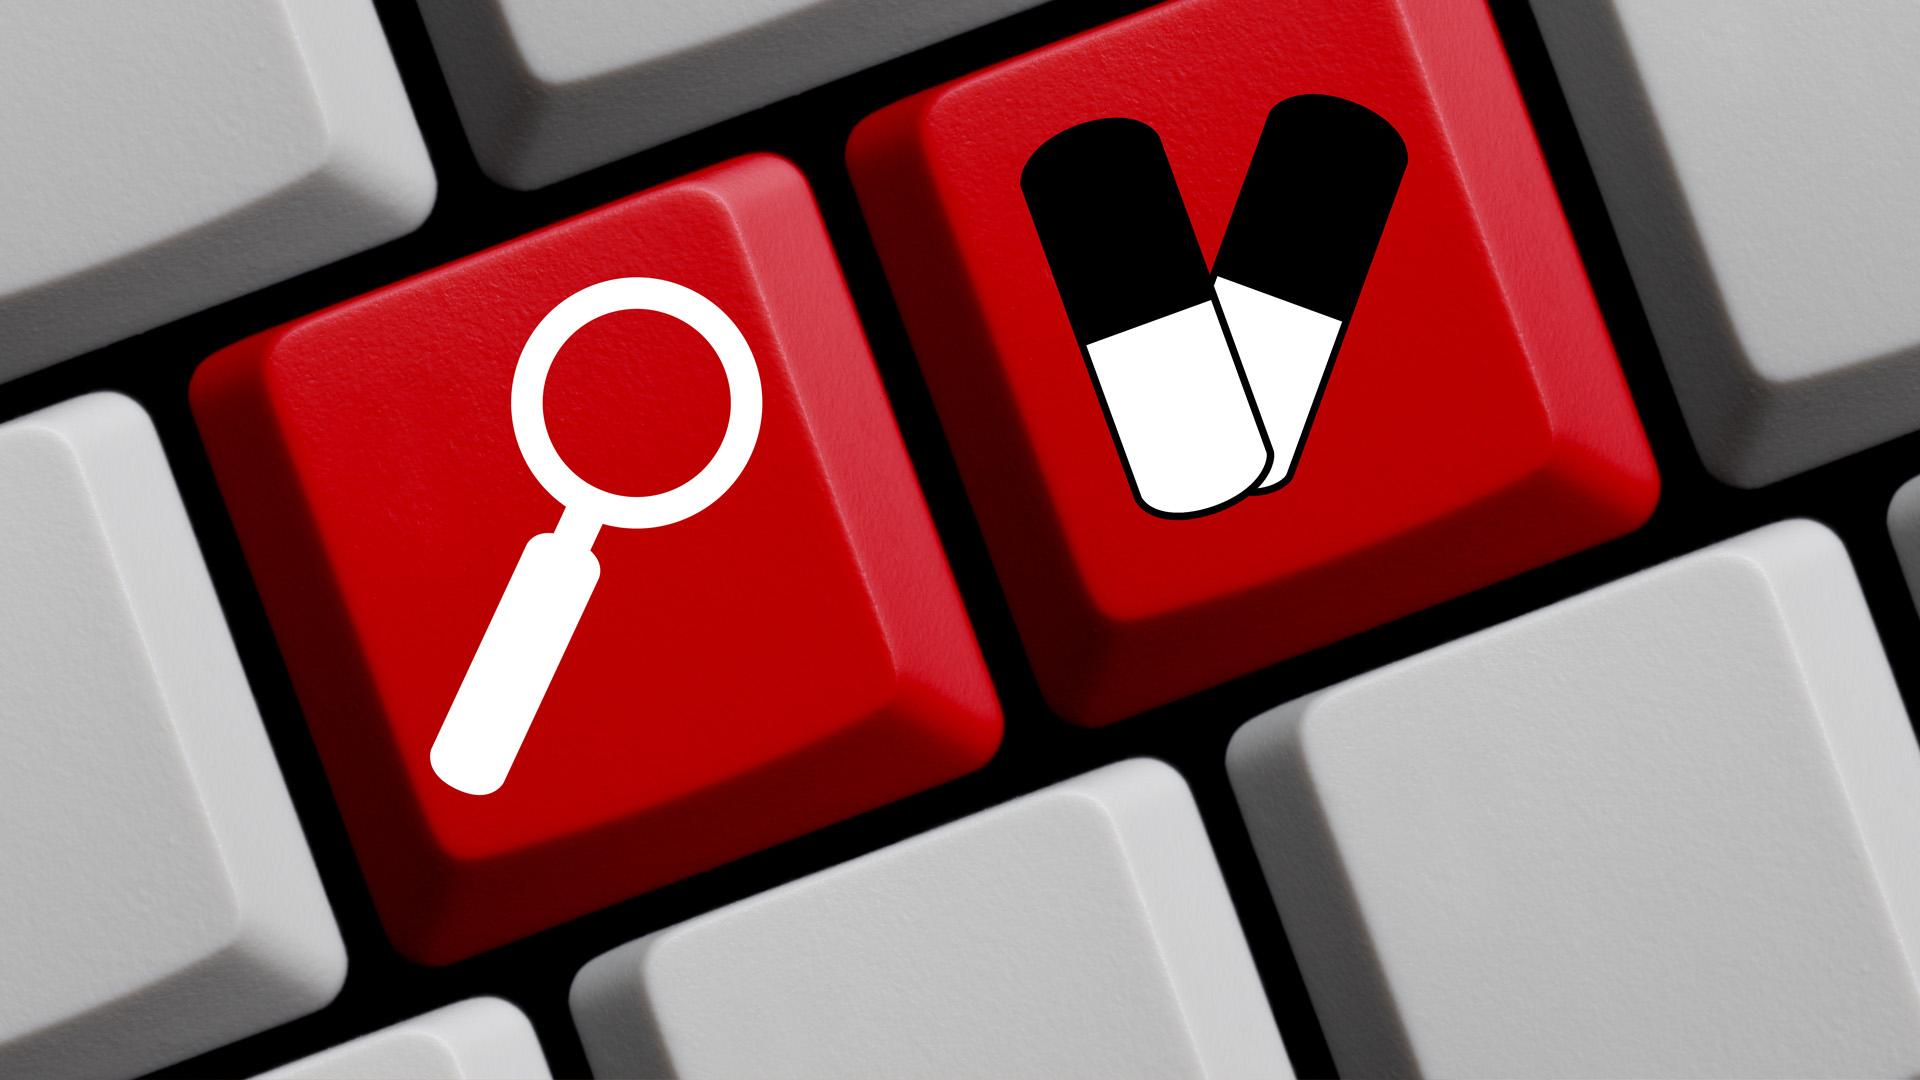 Парламент прийняв проект Закону №3615-1 щодо здійснення електронної роздрібної торгівлі лікарськими засобами